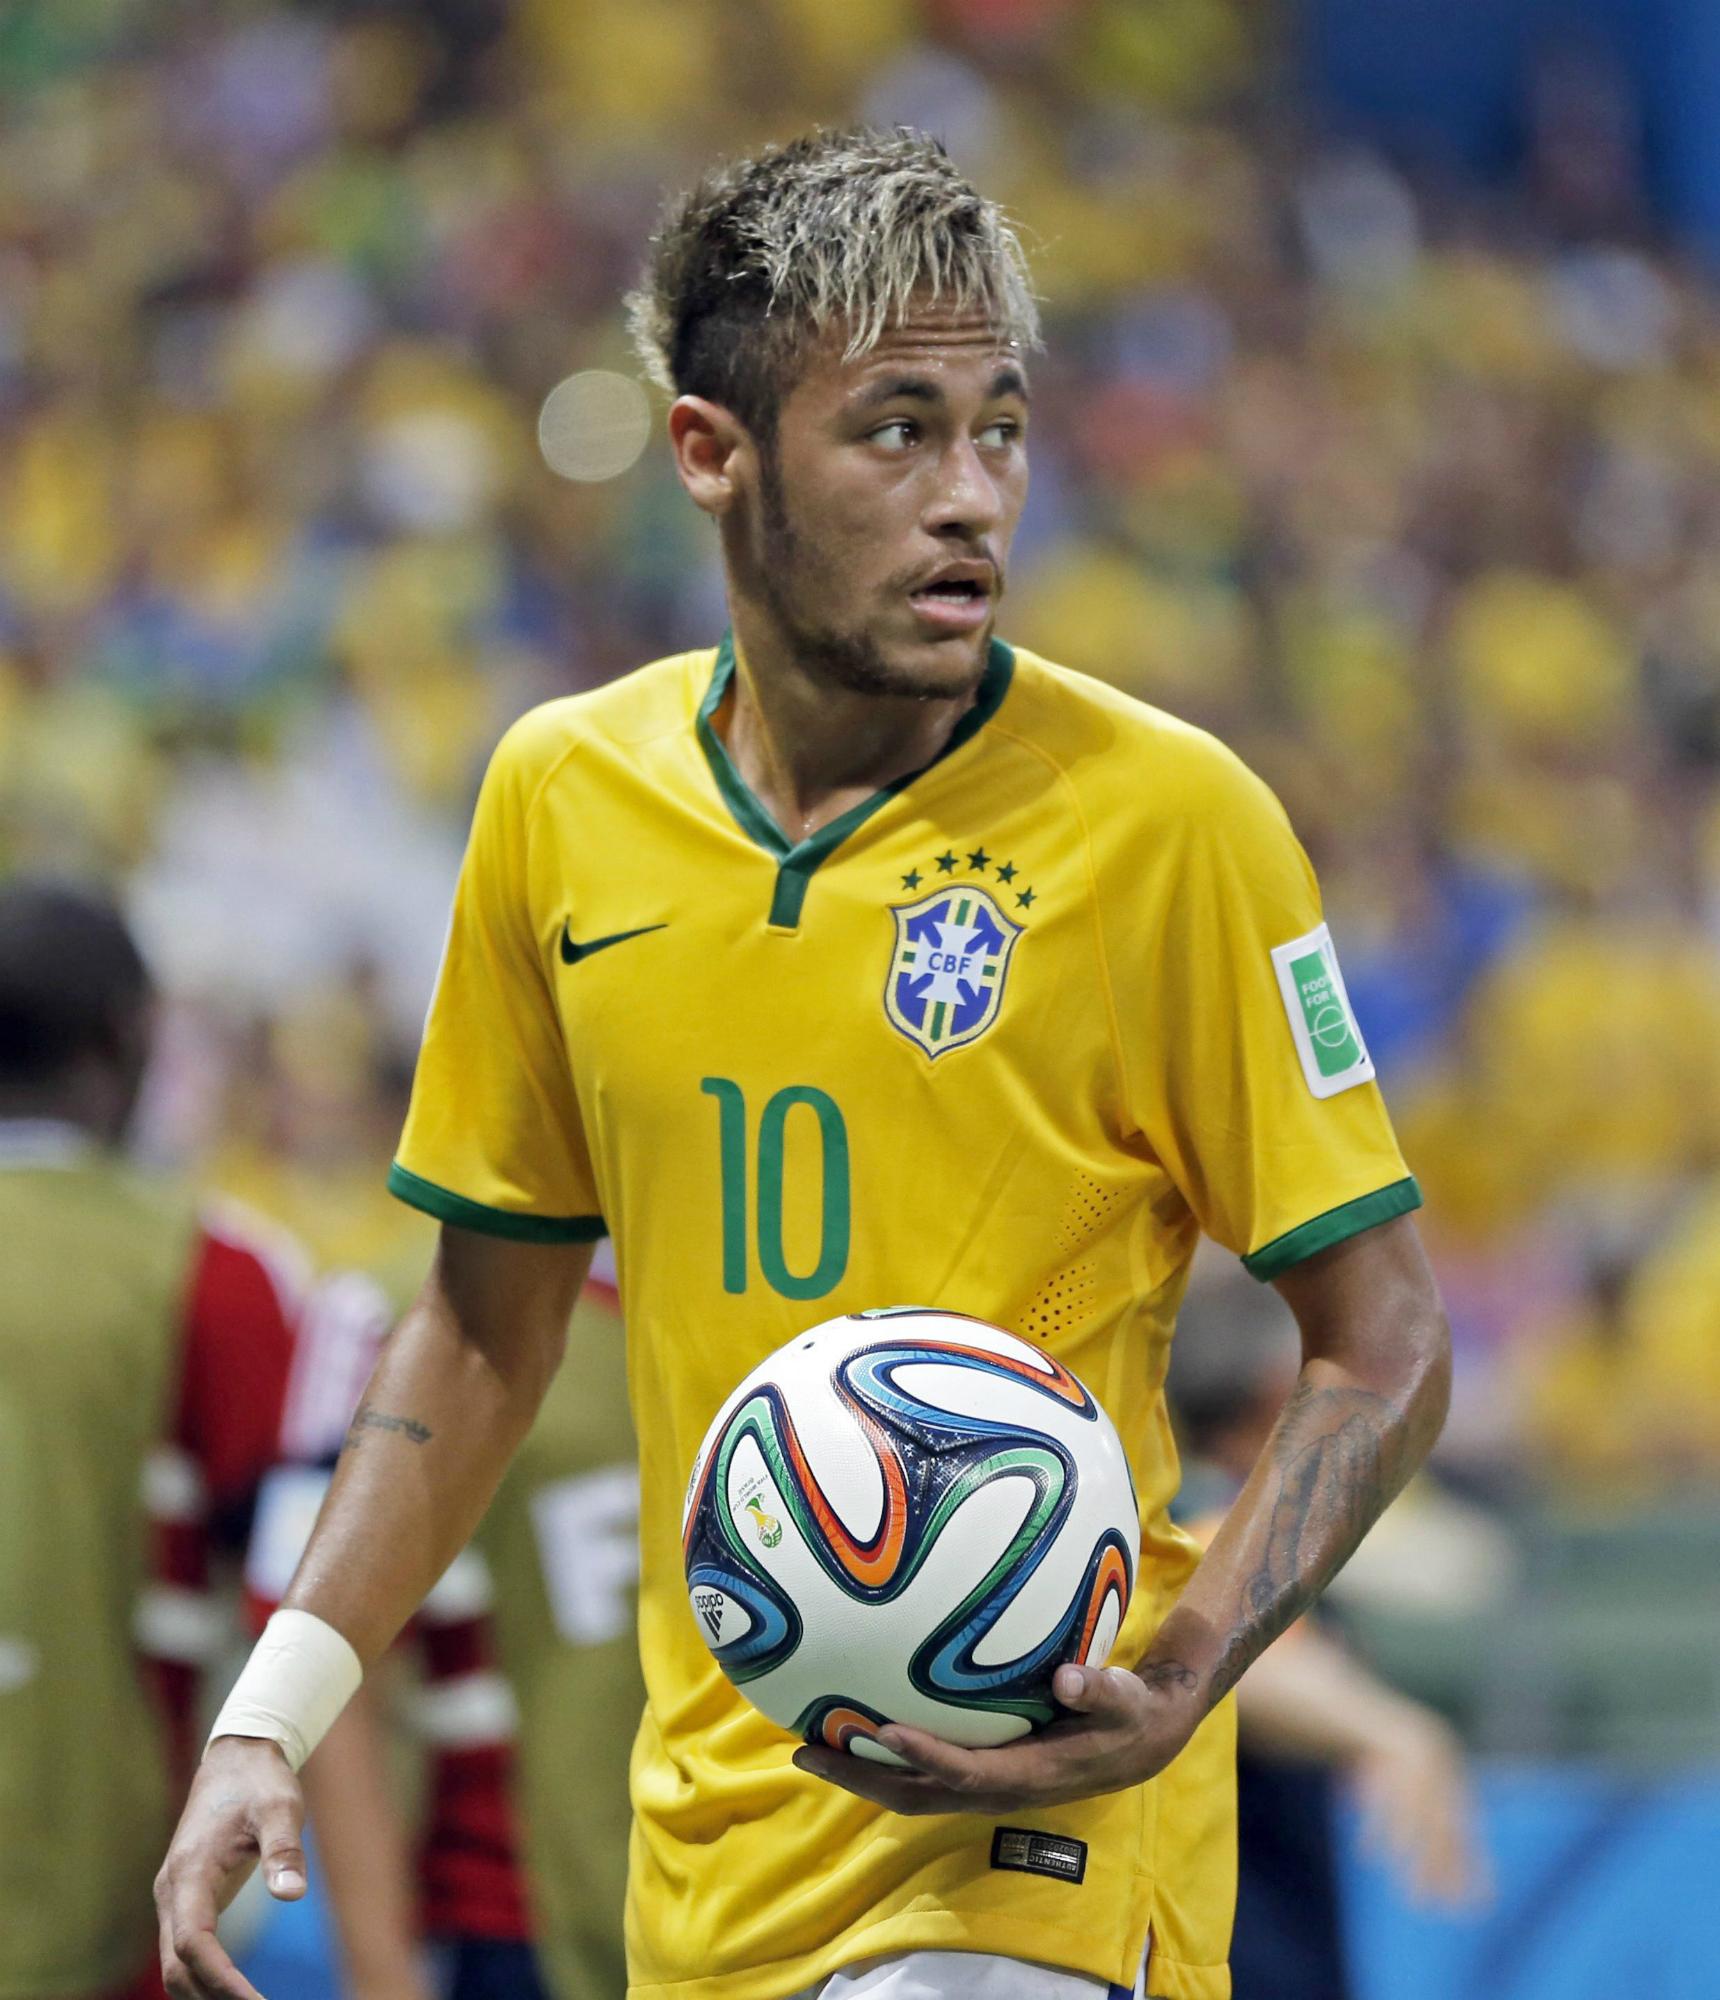 Una imagen de Neymar de rubio en un partido con su selección en 2014. EFE/EPA/TOLGA BOZOGLU